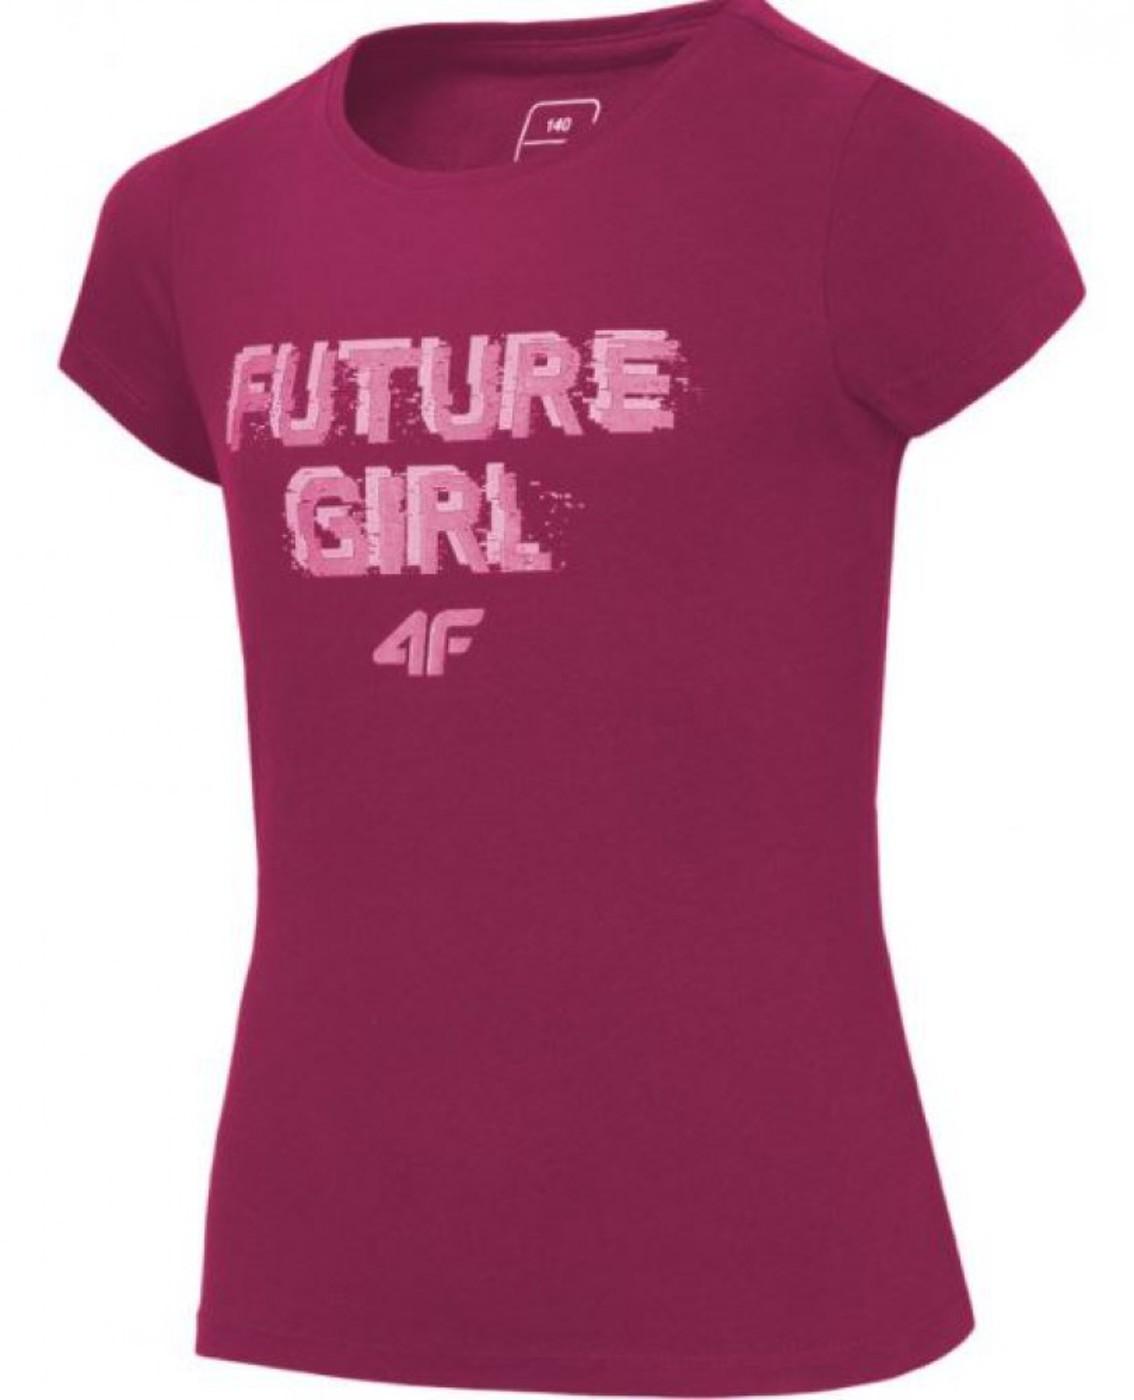 4F Girls T-Shirt Future - Kinder